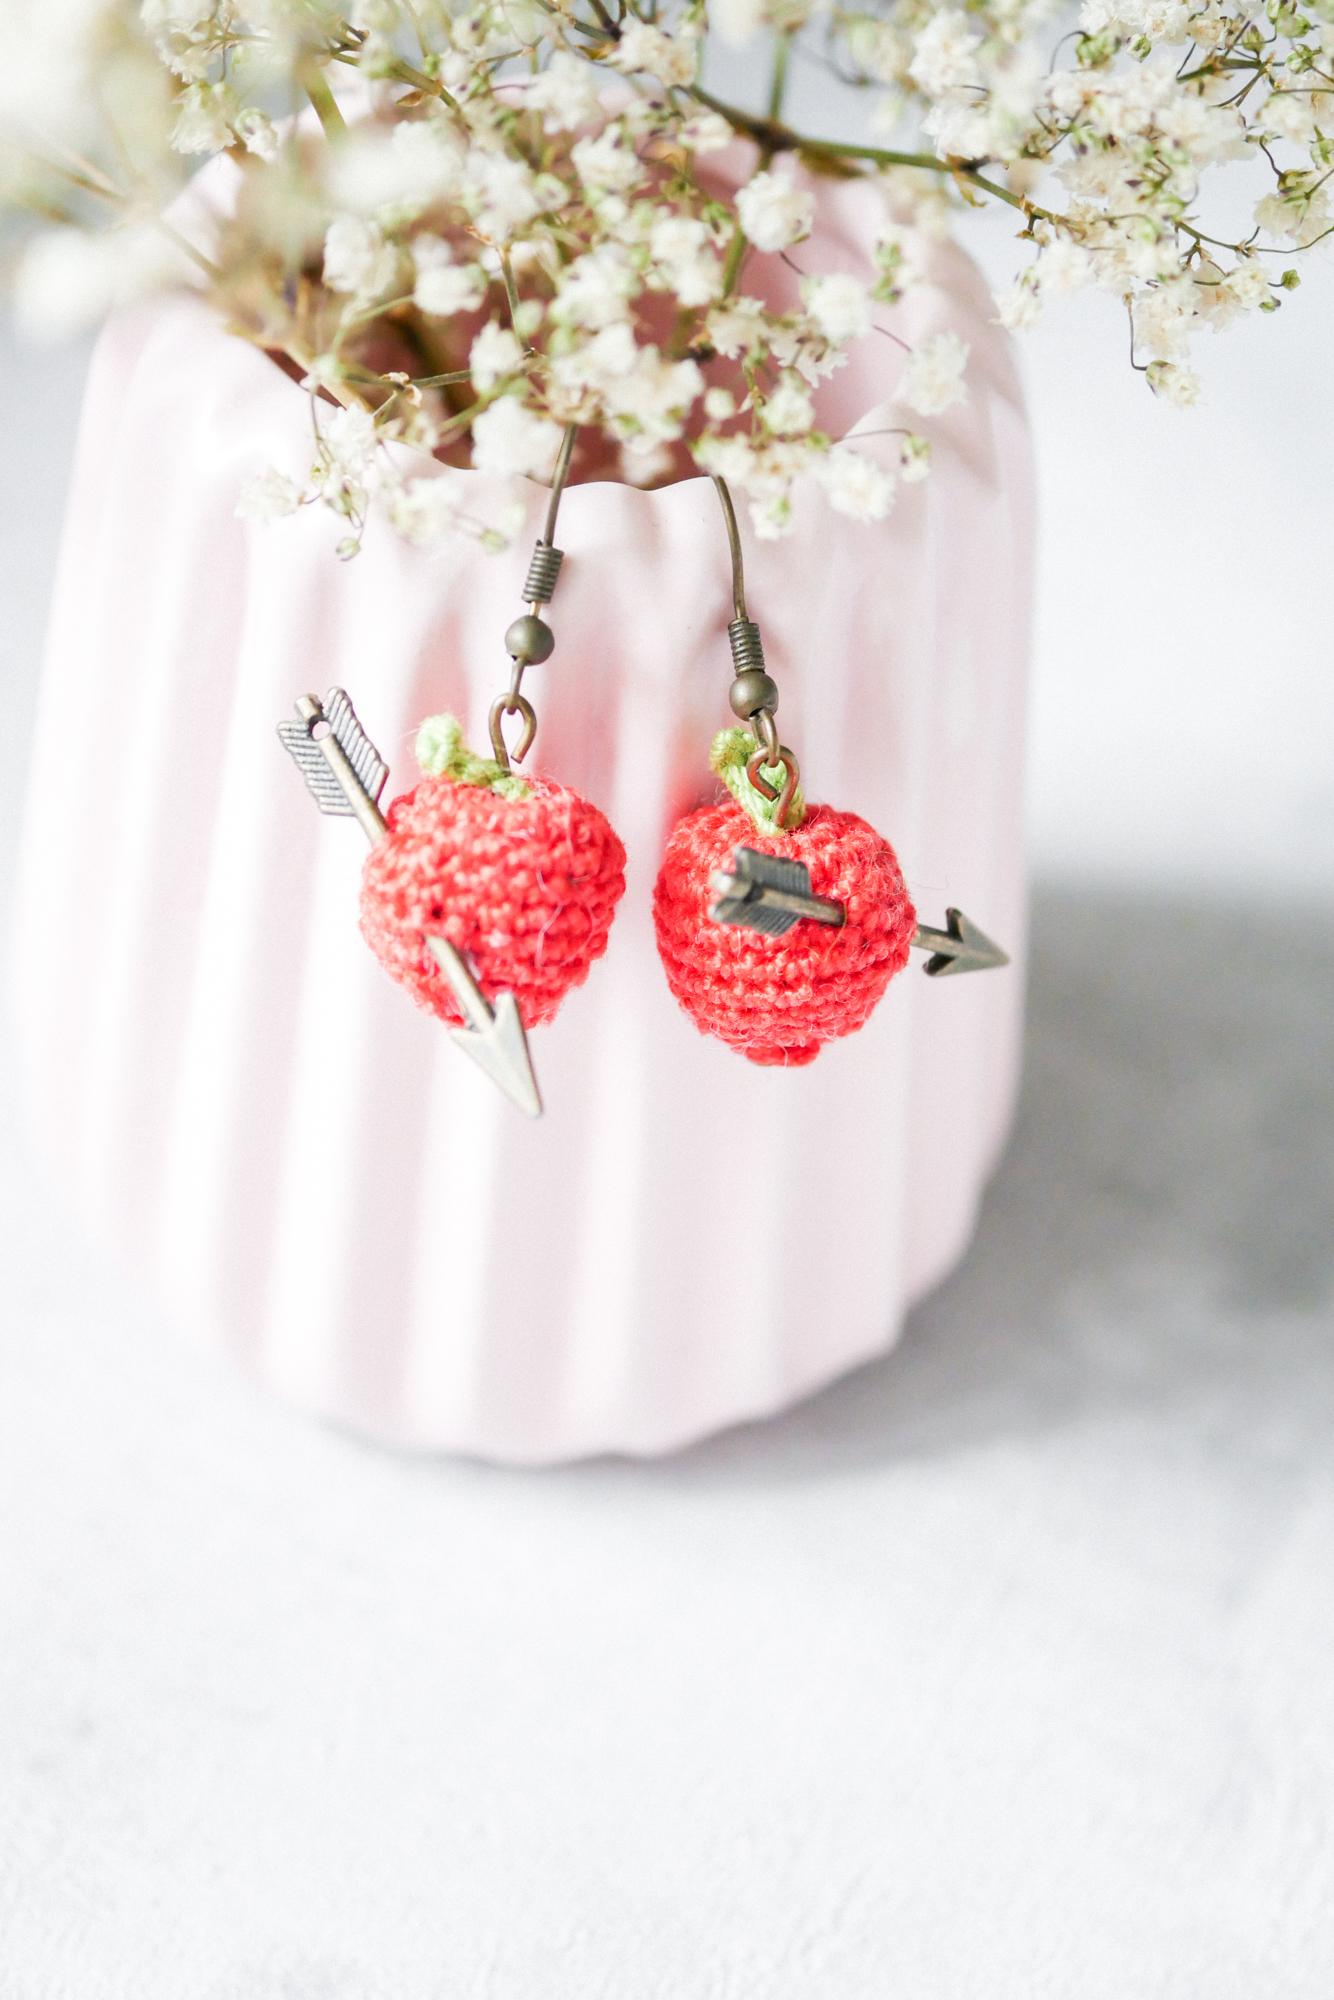 Äpfel als Schmuck häkeln- Anleitung für Ohrringe